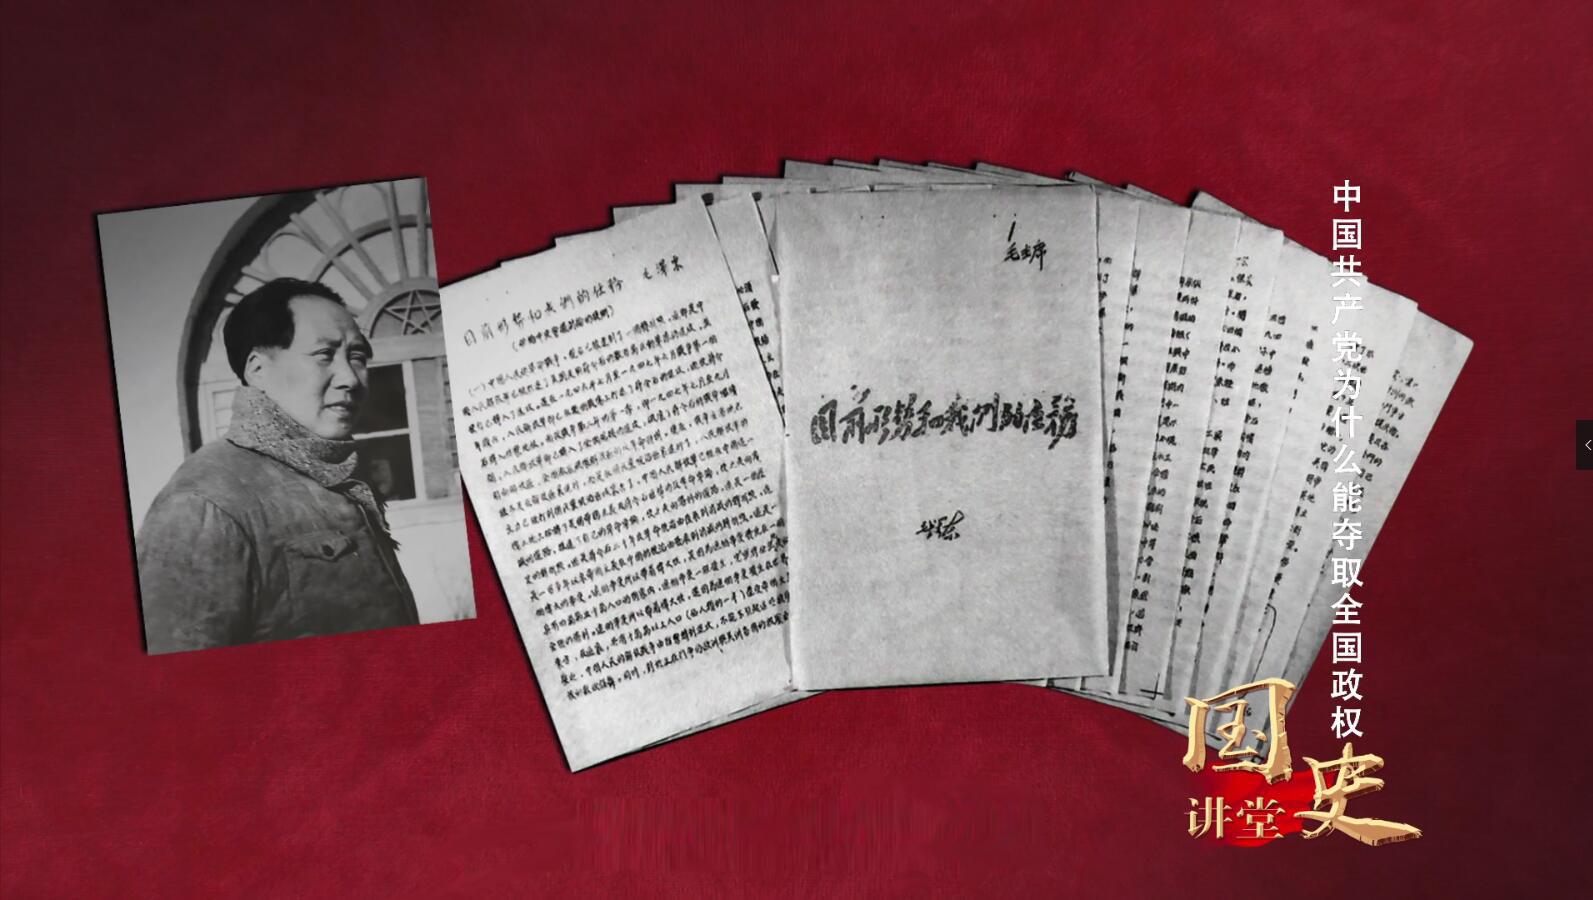 中国共产党为什么能夺取全国政权